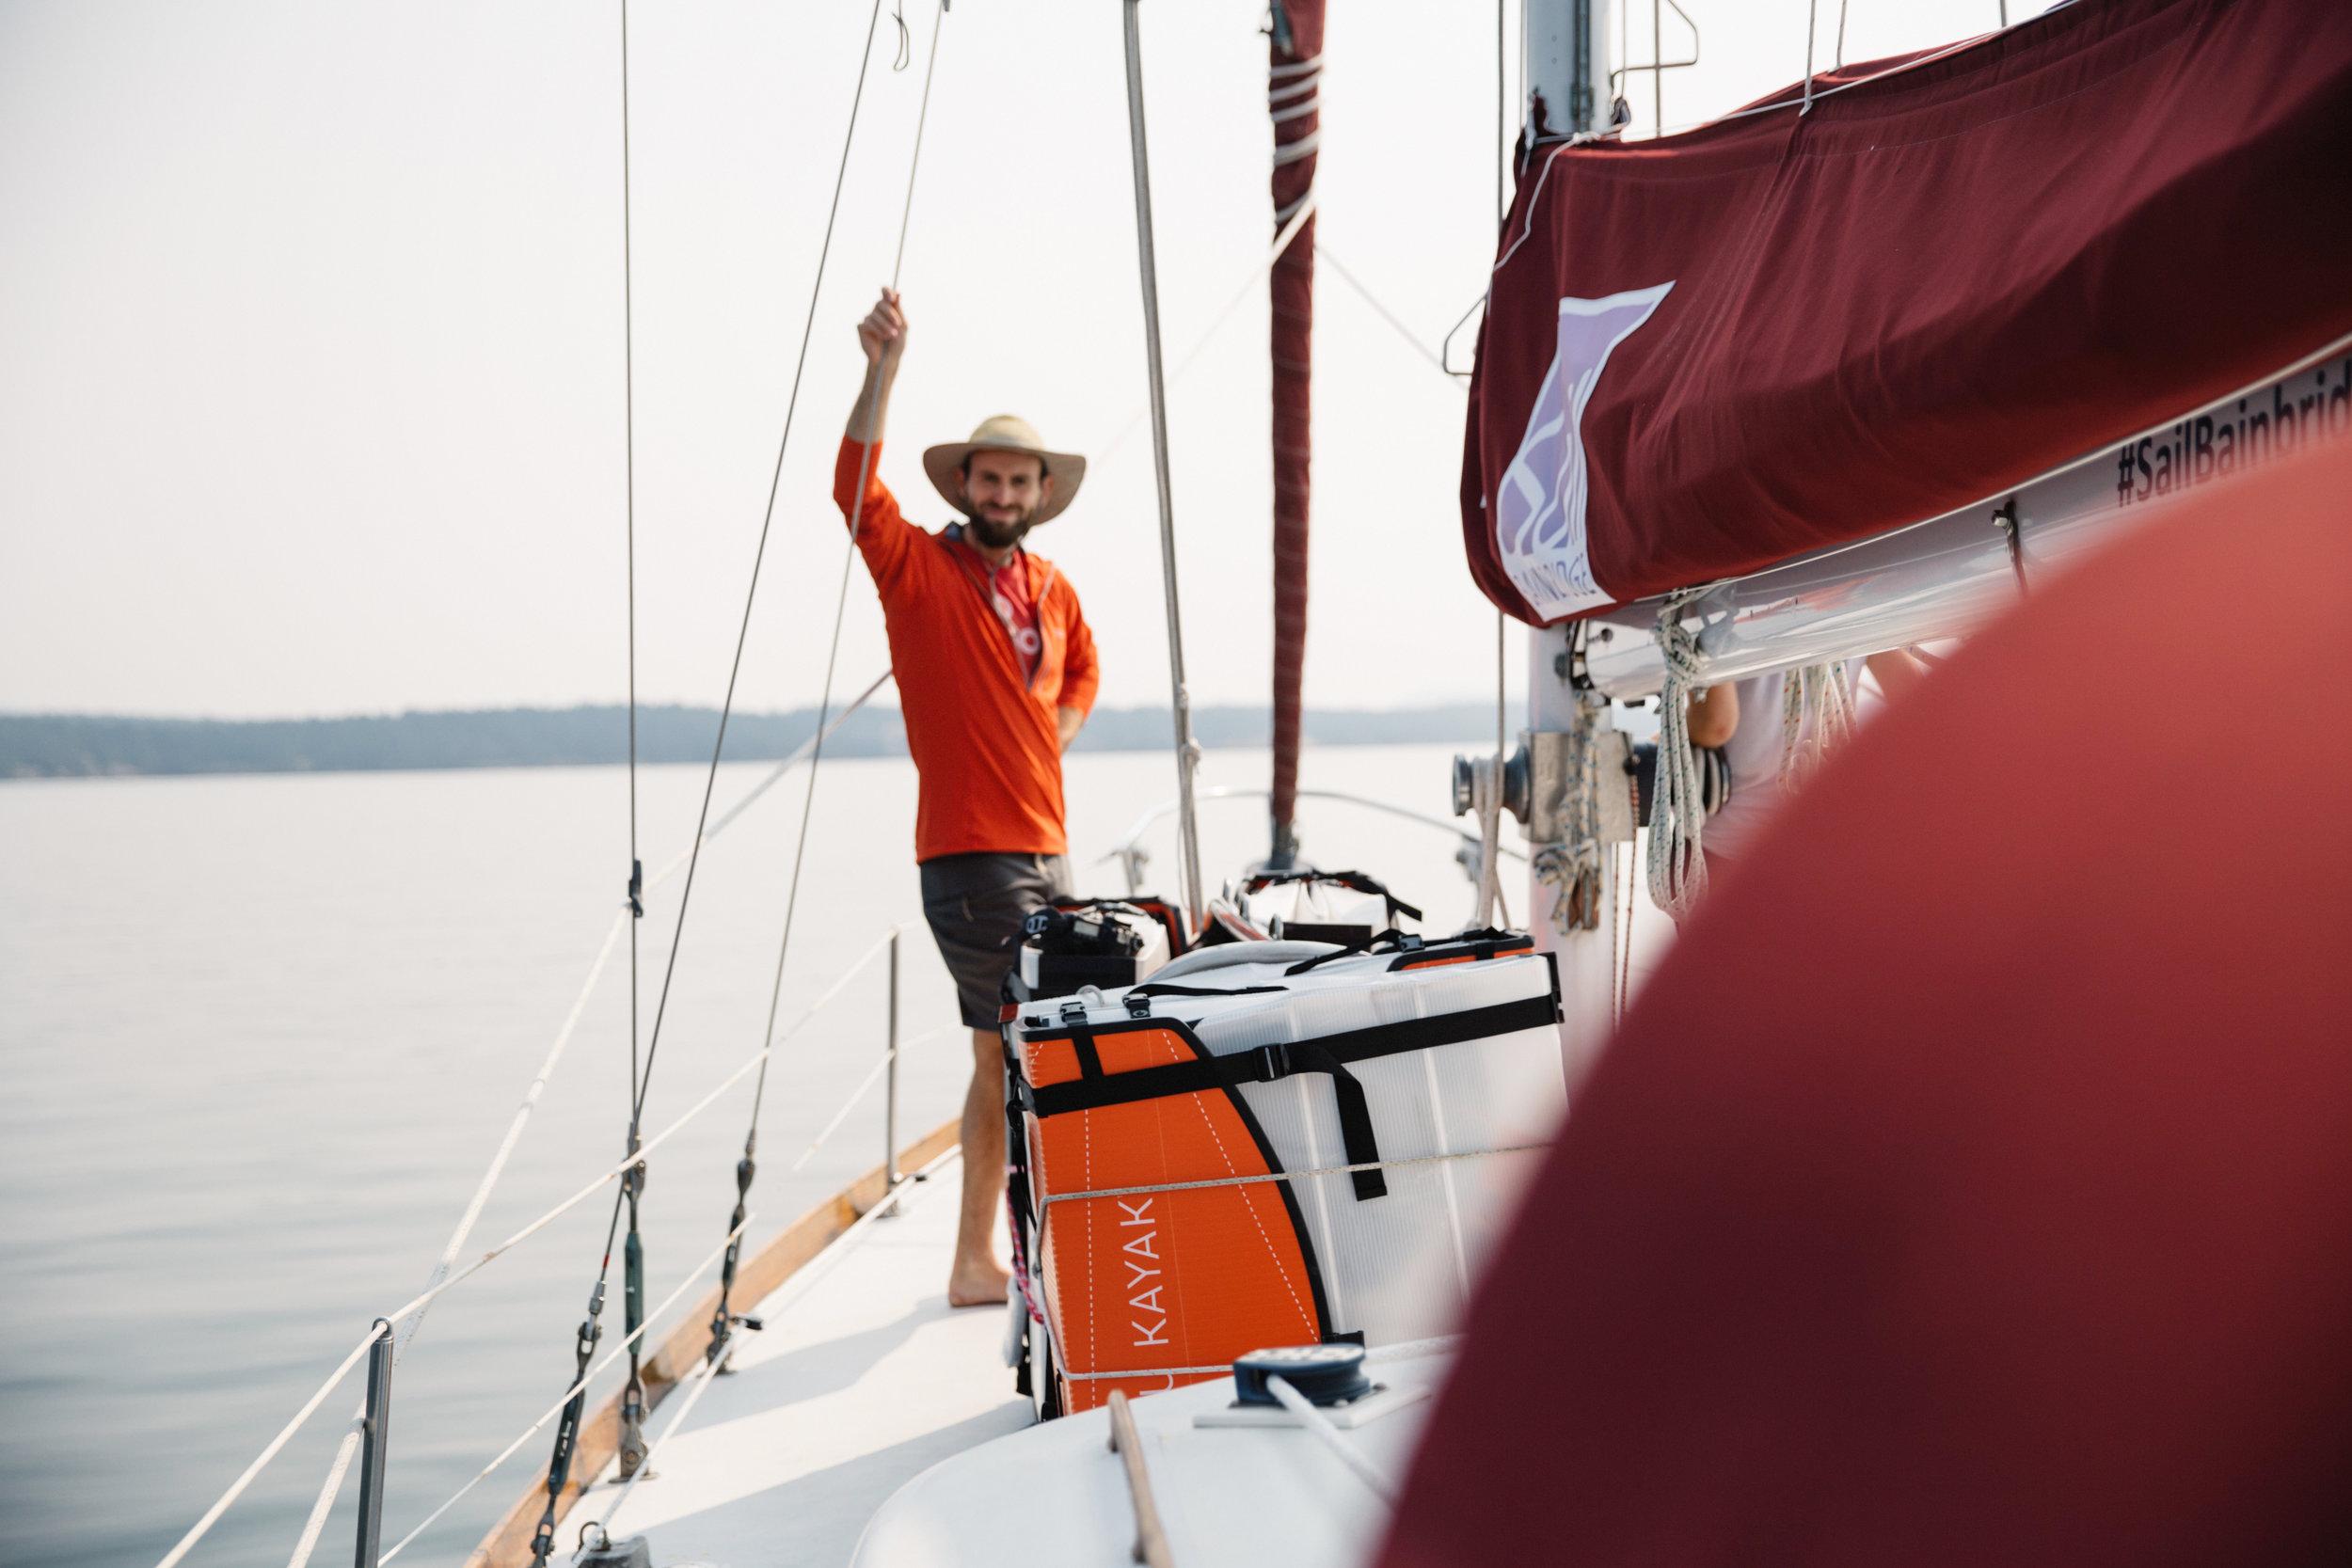 08:10 — Balkin_Oru_San Juans Sailing_0002.jpg